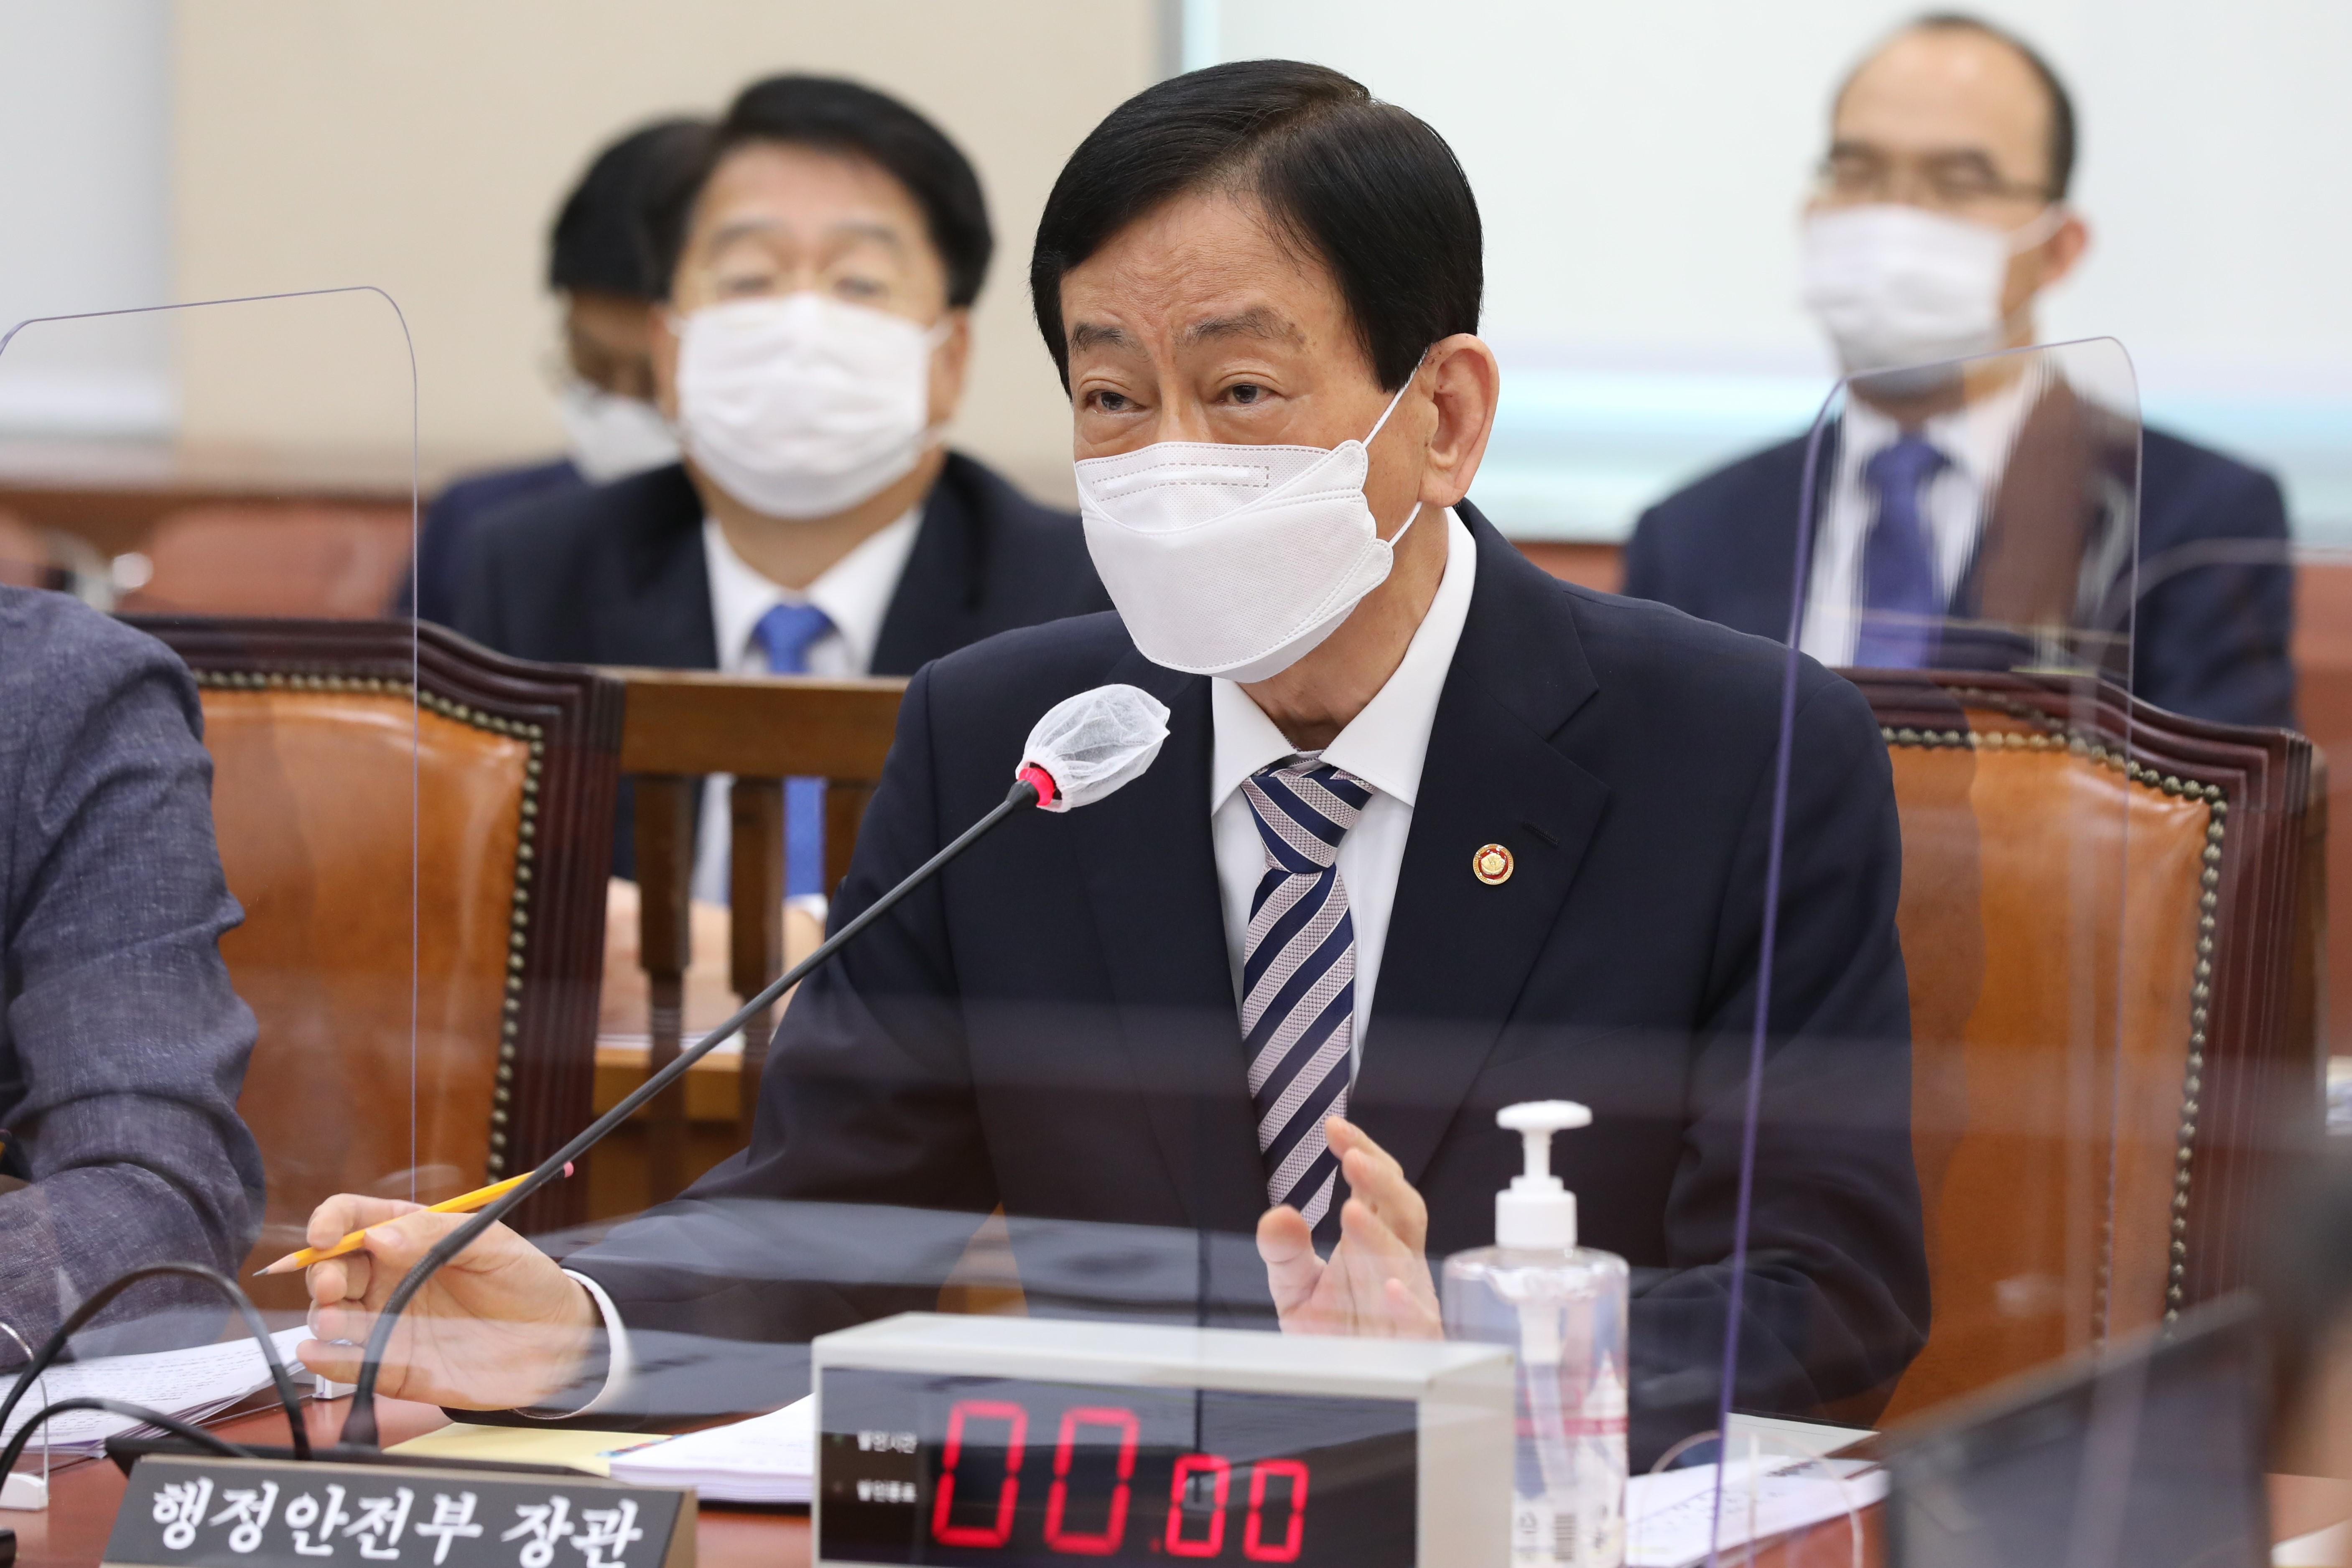 국정감사 출석한 진영 행정안전부 장관